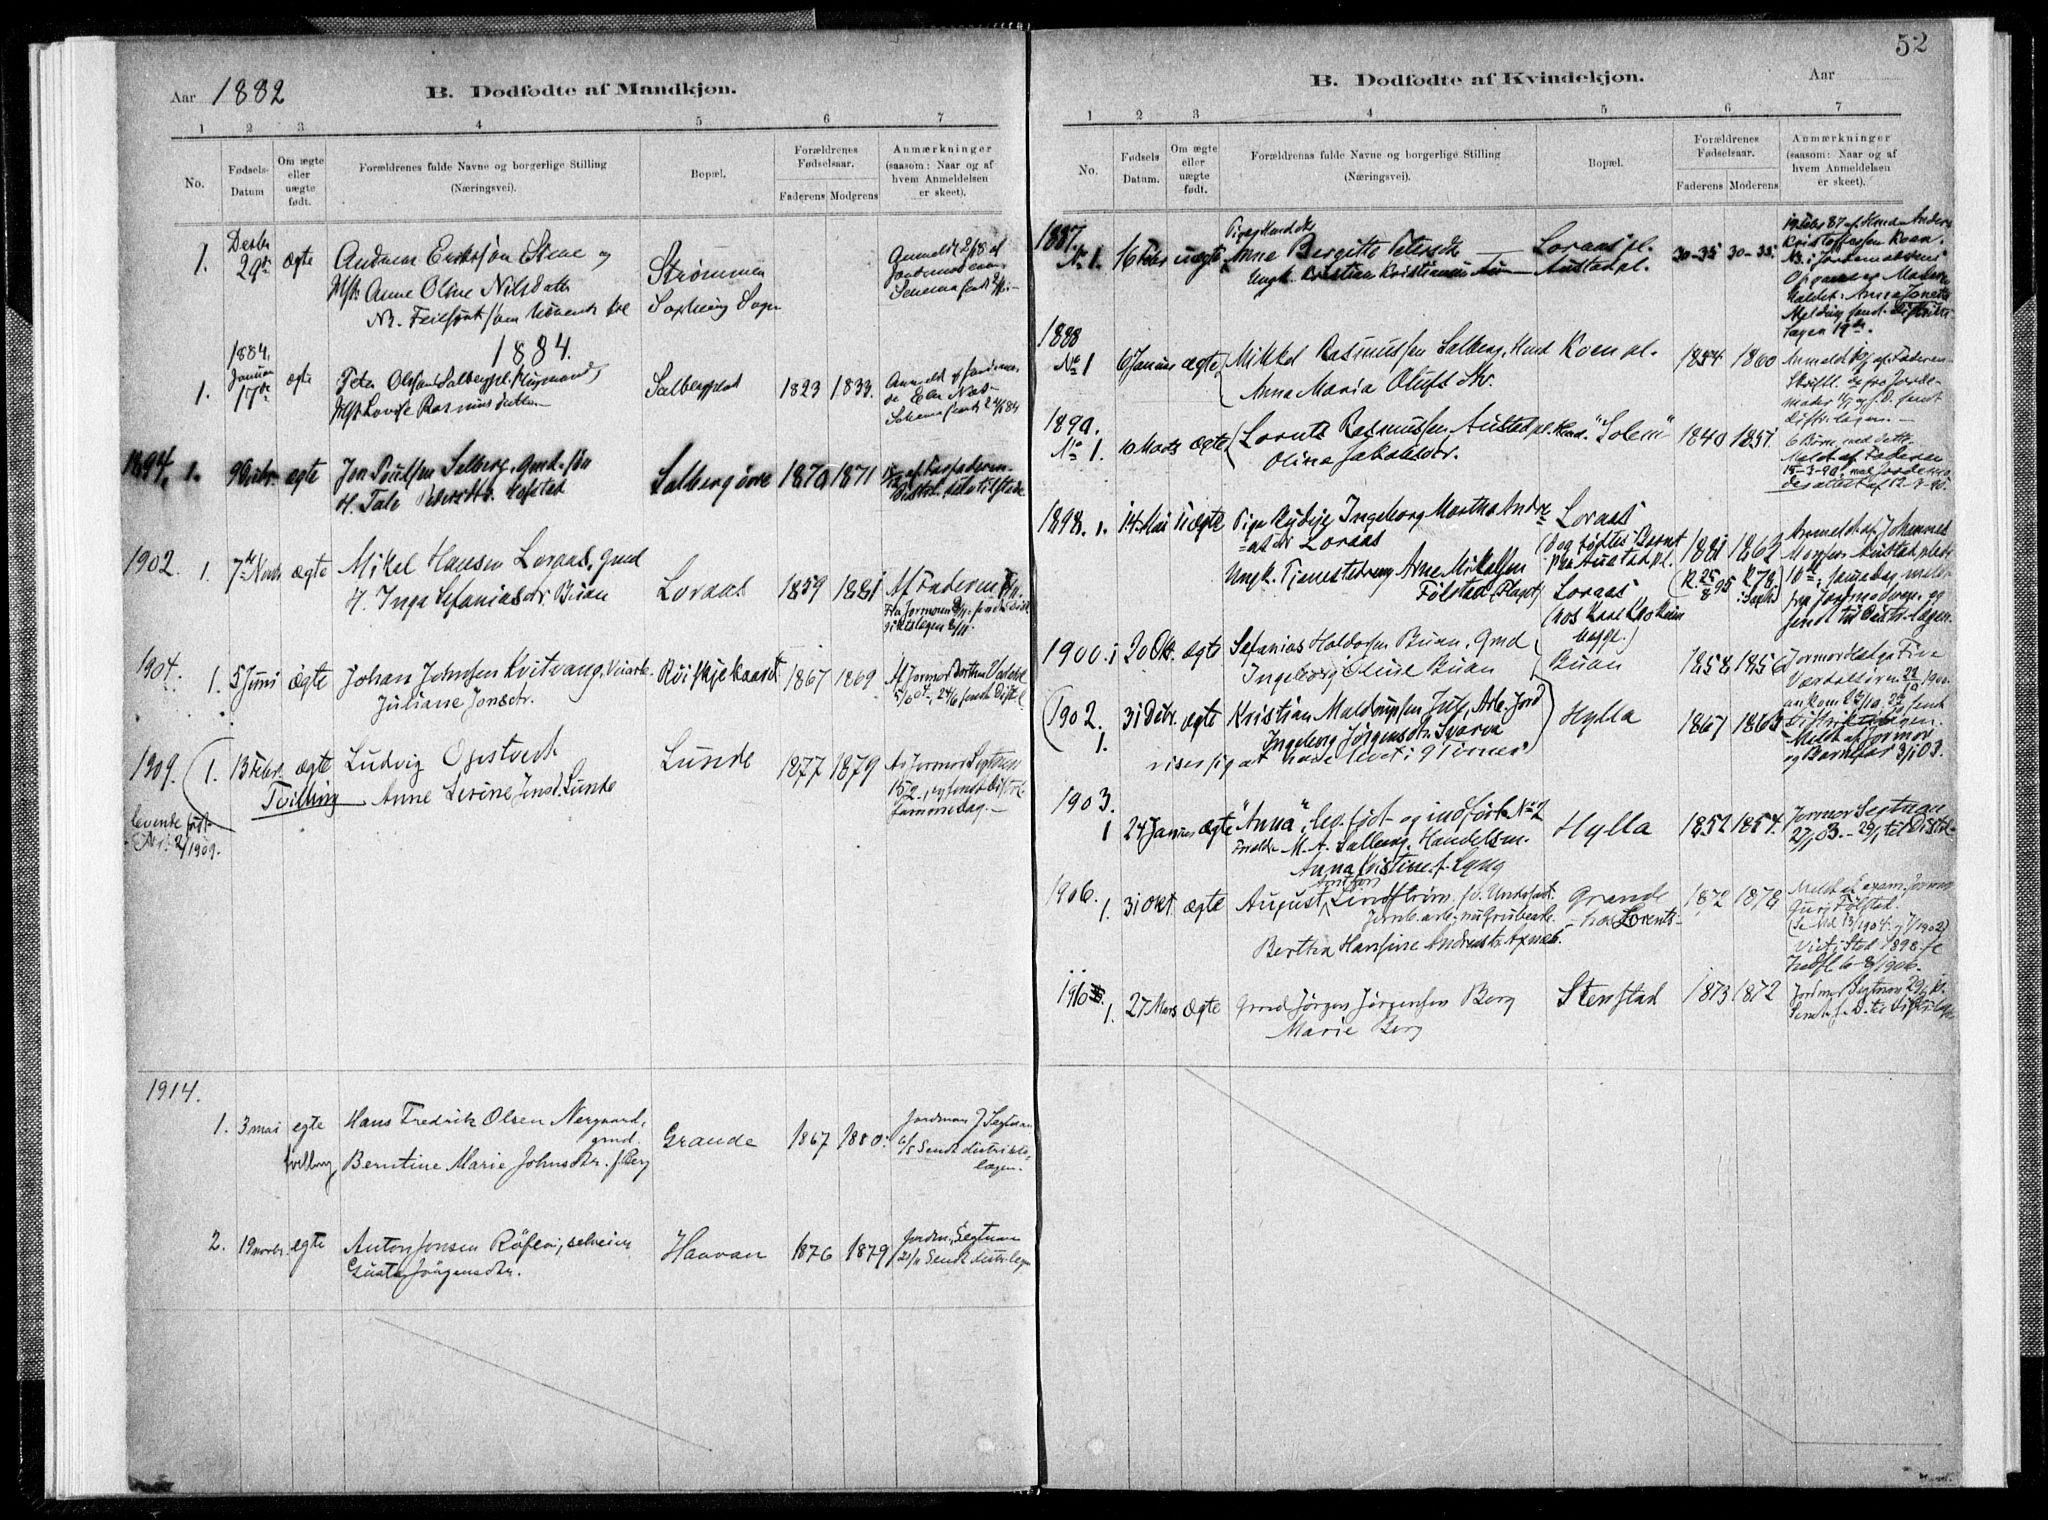 SAT, Ministerialprotokoller, klokkerbøker og fødselsregistre - Nord-Trøndelag, 731/L0309: Ministerialbok nr. 731A01, 1879-1918, s. 52